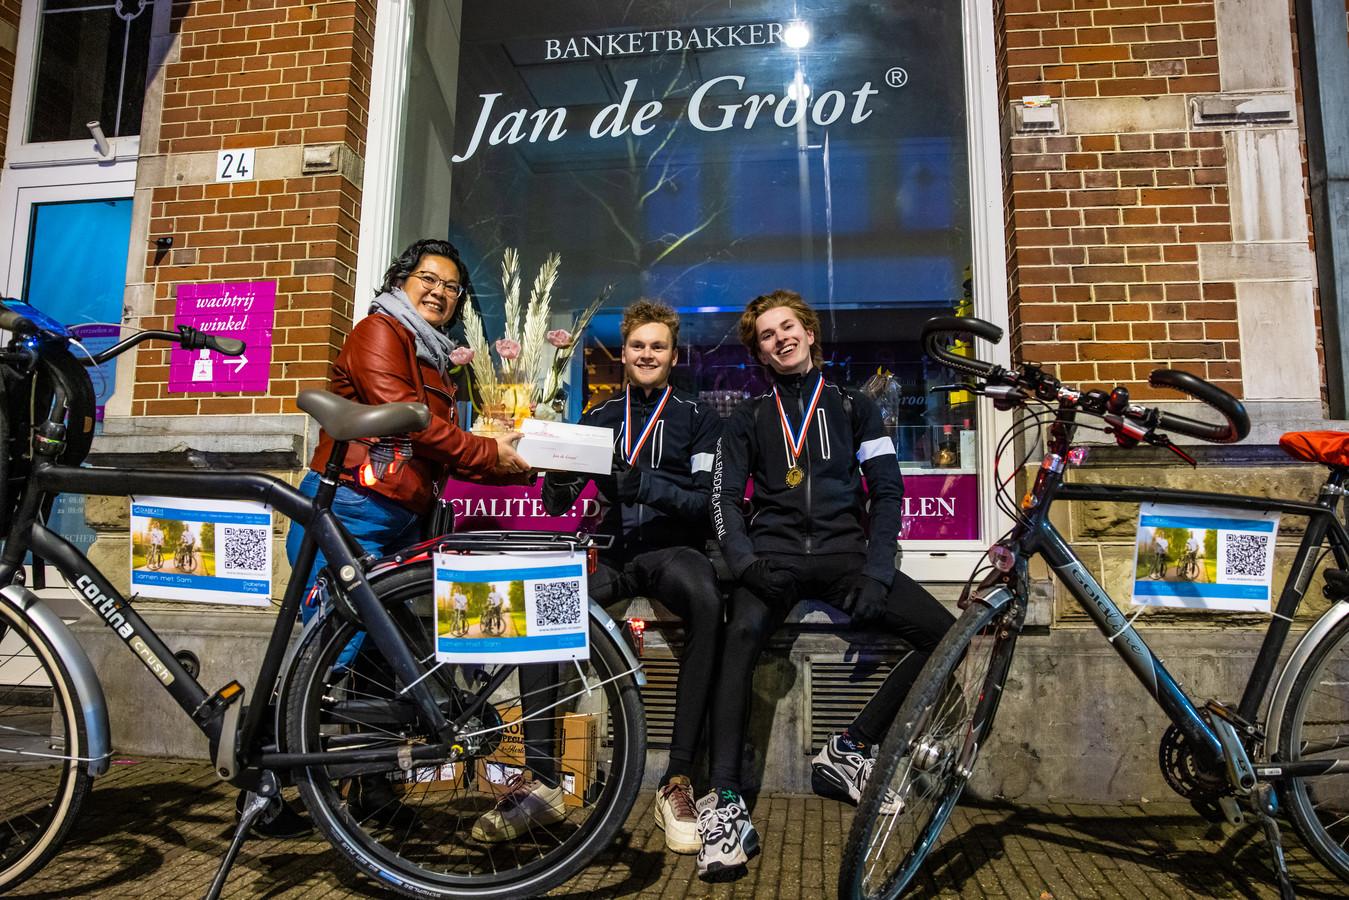 Sam Menius (r) en Dennis Smit vertrokken om 05.00 uur vanuit Heereveen met de fiets om geld op te halen voor het Diabetes Fonds. Listy Groenland overhandigde gebak.